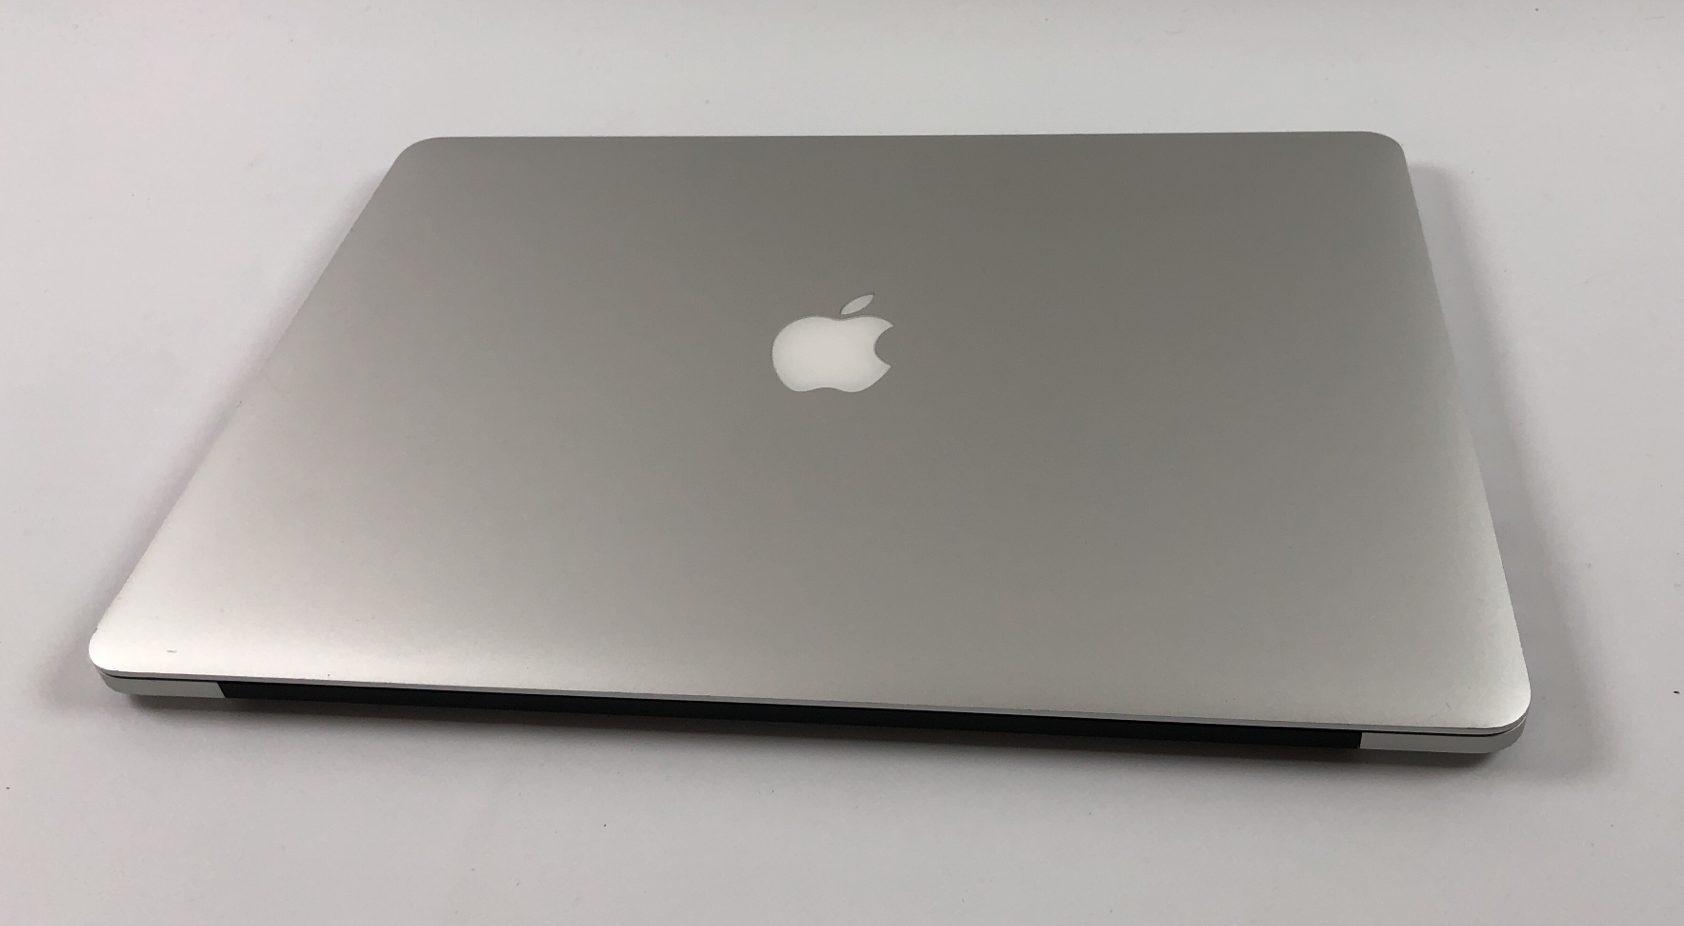 """MacBook Pro Retina 15"""" Mid 2015 (Intel Quad-Core i7 2.8 GHz 16 GB RAM 1 TB SSD), Intel Quad-Core i7 2.8 GHz, 16 GB RAM, 1 TB SSD, Kuva 2"""